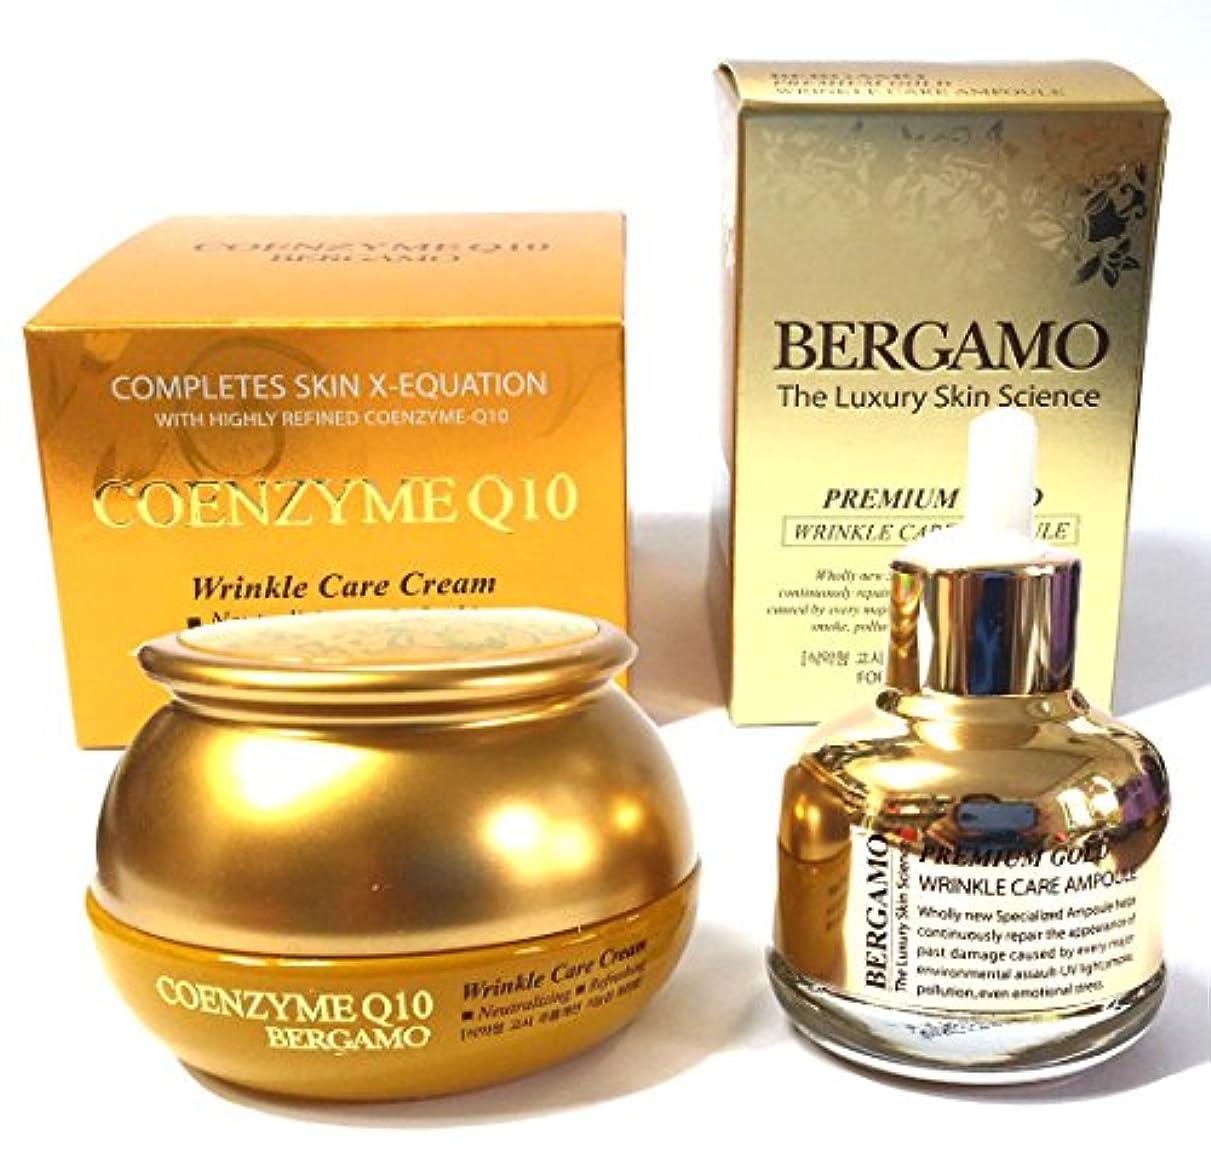 気分が良いウェイター条約[Bergamo] モーゼルコエンザイムQ10クリーム50g&ラグジュアリースキンサイエンスプレミアムゴールドアンプル30ml /弾力性、水分/韓国化粧品 / Moselle Coenzyme Q10 Cream 50g & Luxury Skin Science Premium Gold Ampoule 30ml / Elasticity,Moisture / Korean Cosmetics [並行輸入品]